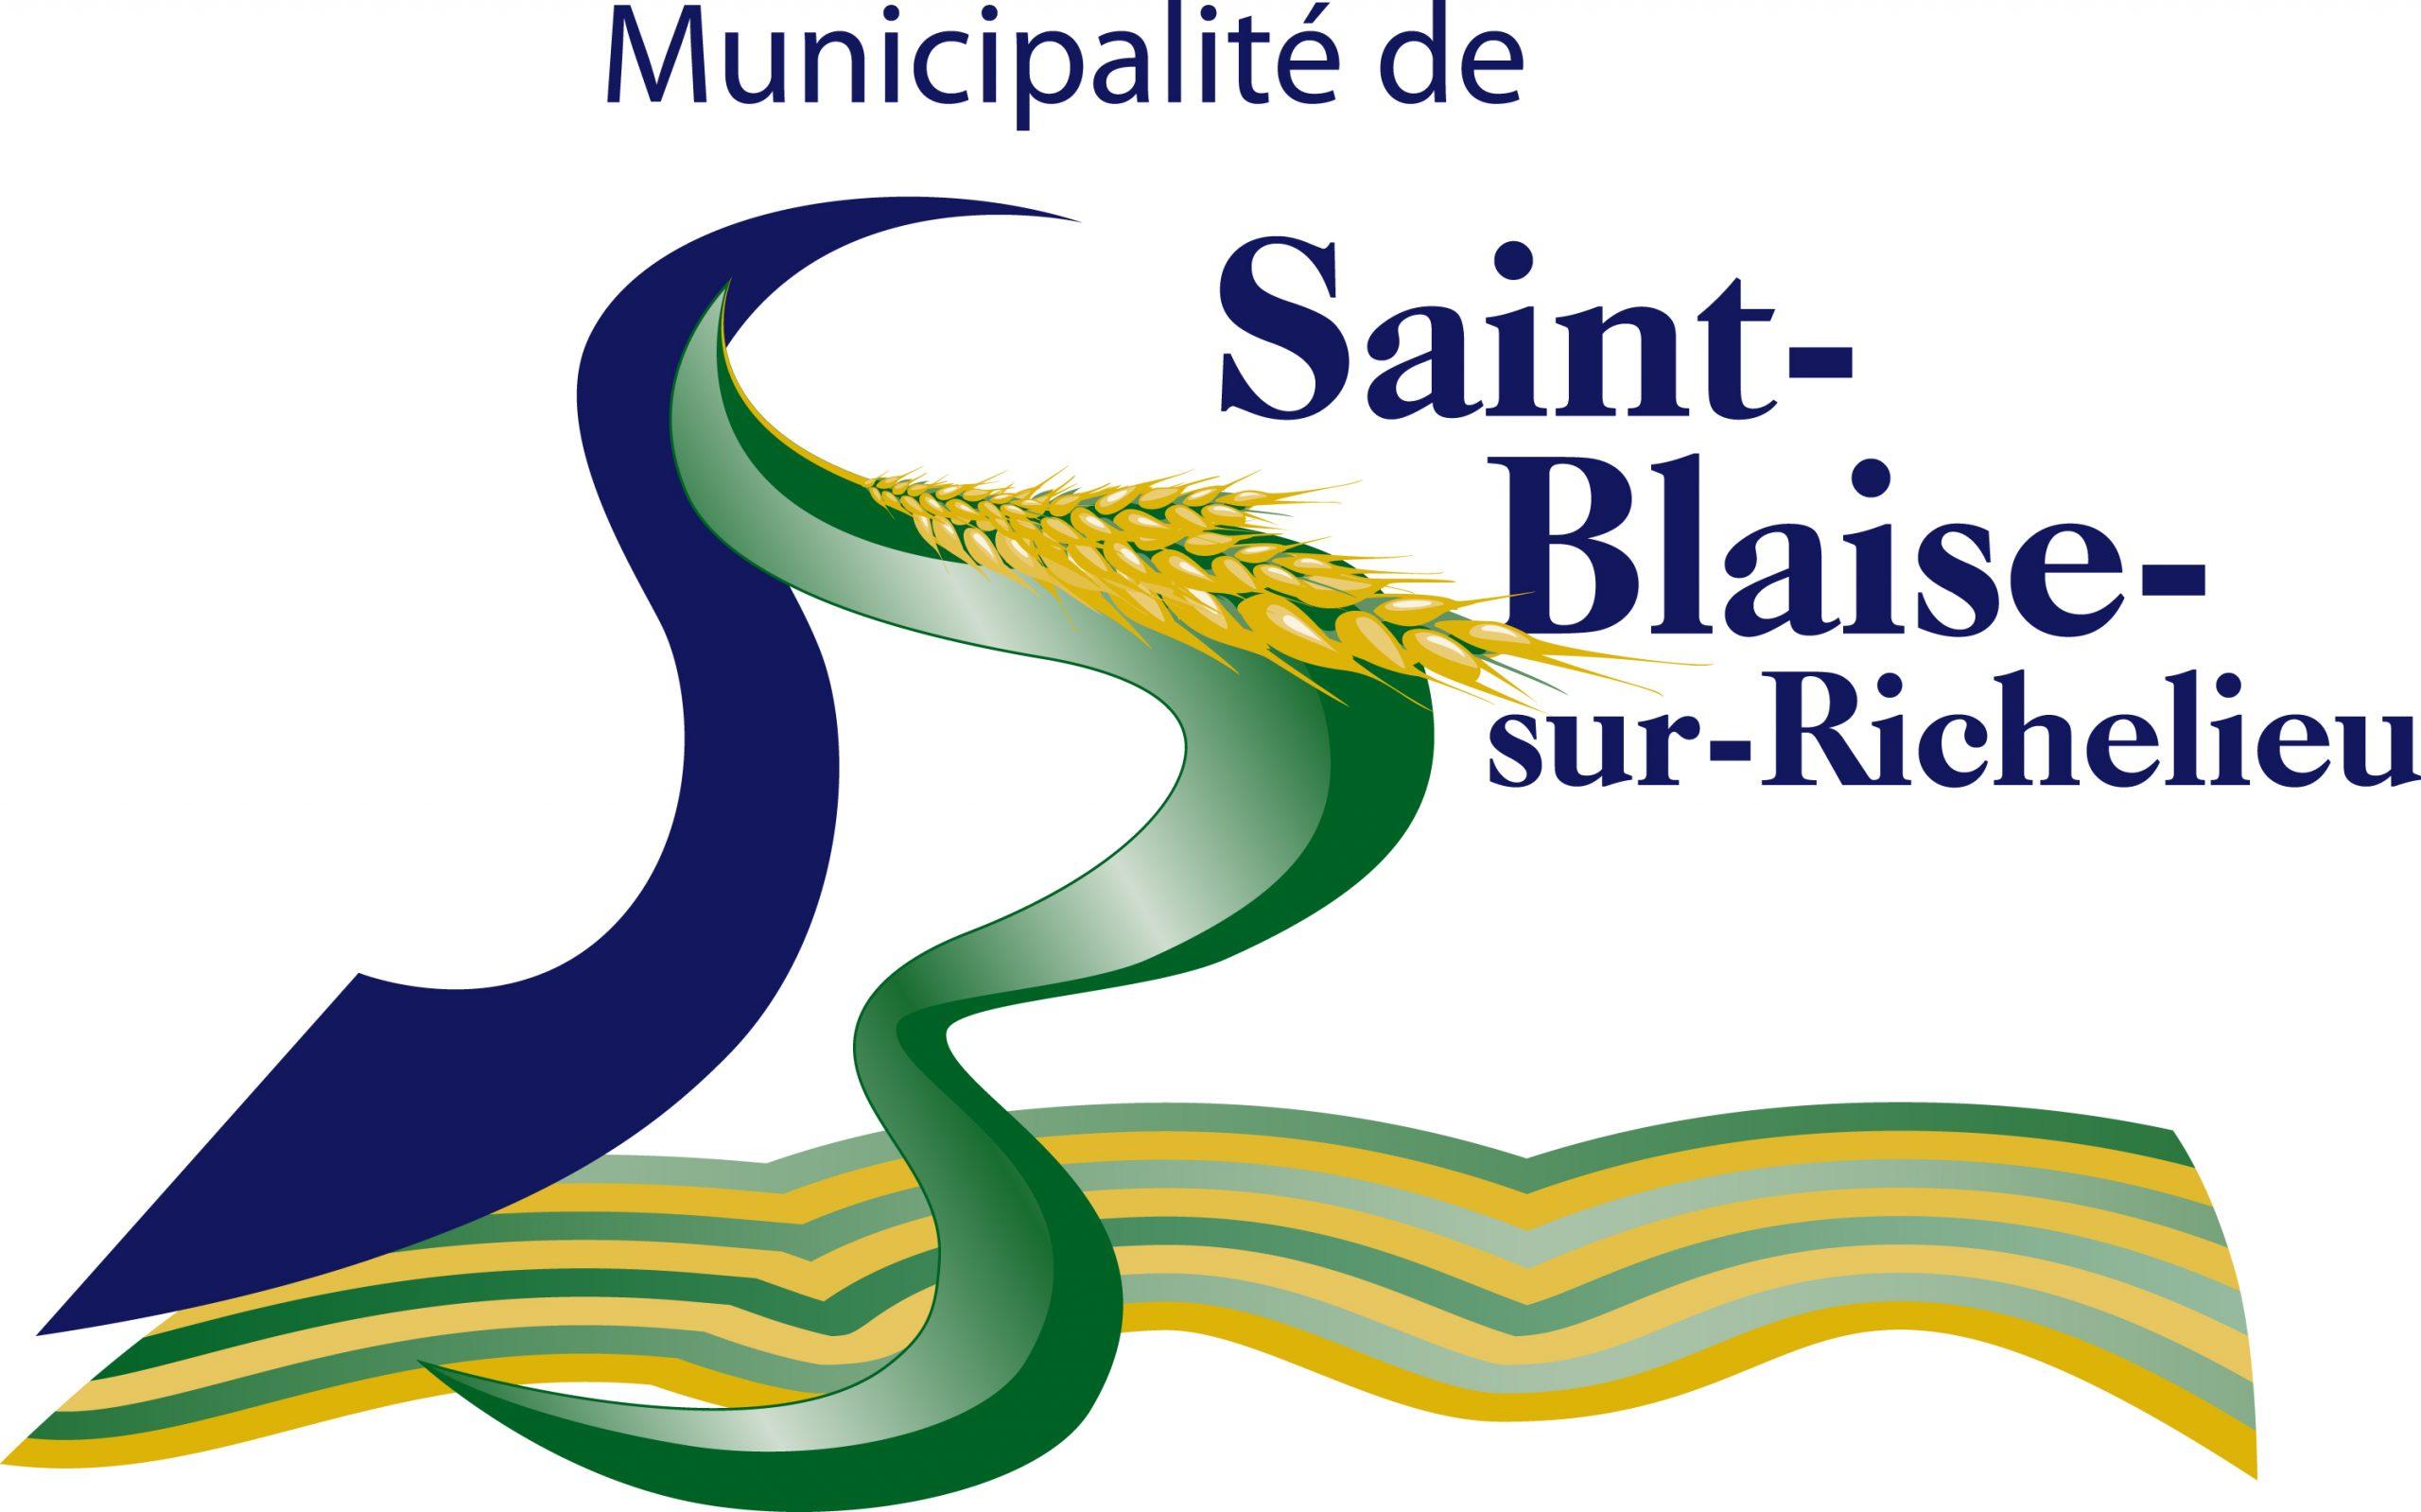 Saint-Blaise-sur-Richelieu